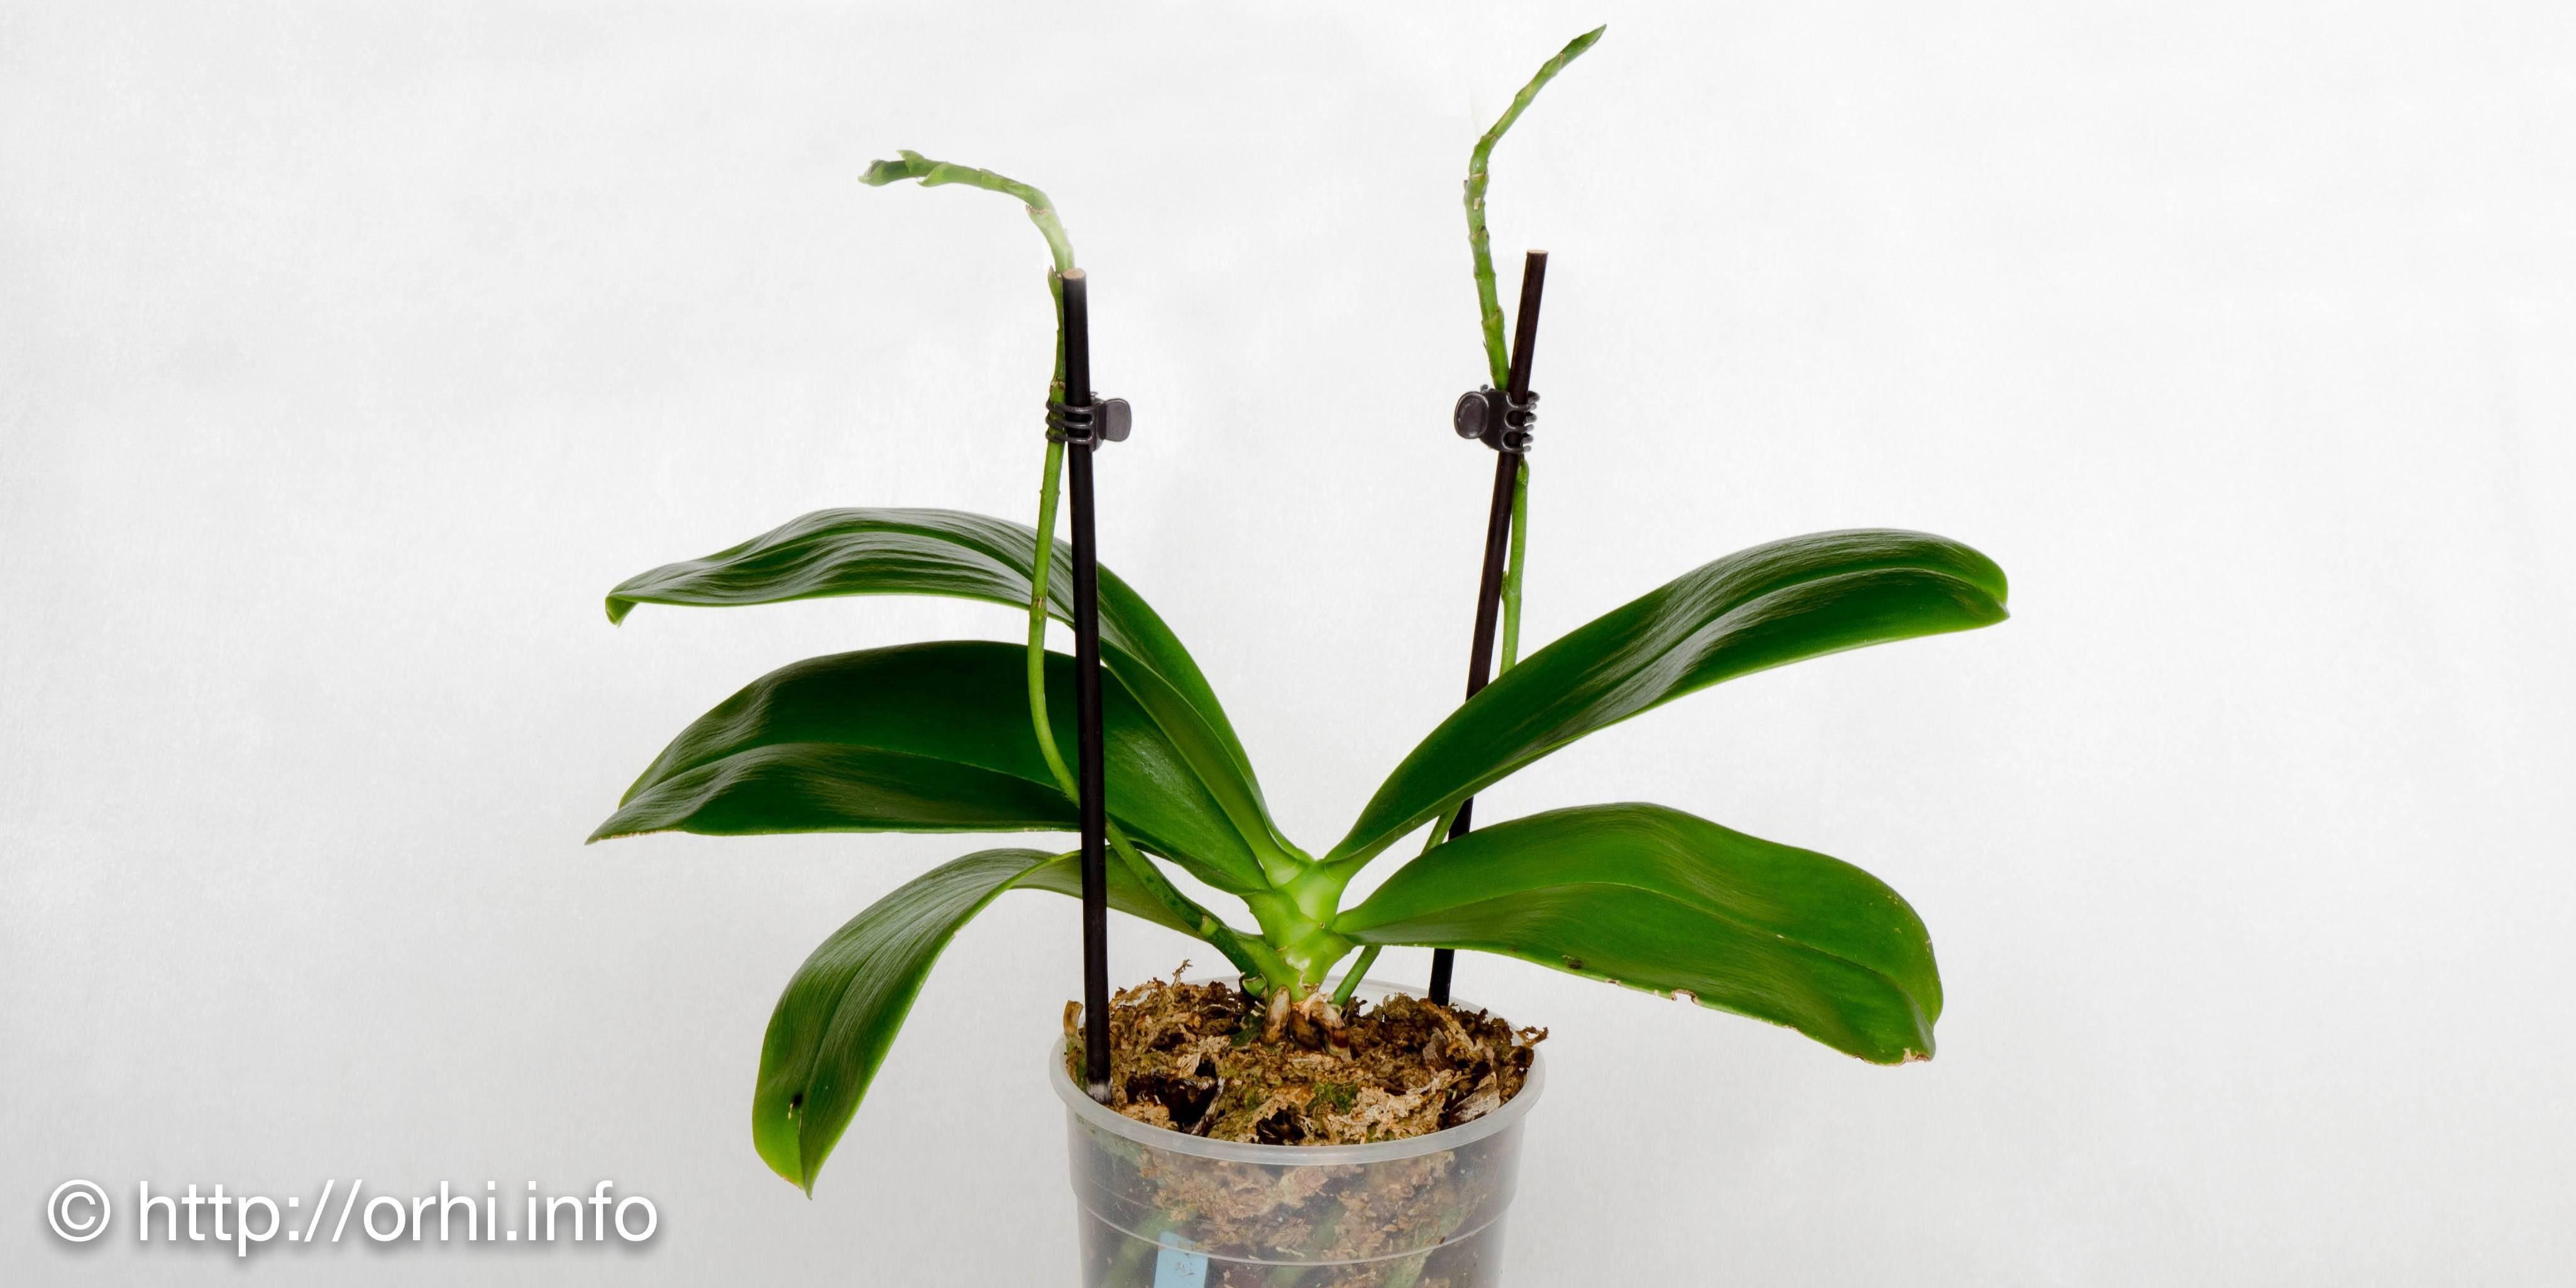 Что делать с орхидеей после цветения и нужно ли удалять стрелку